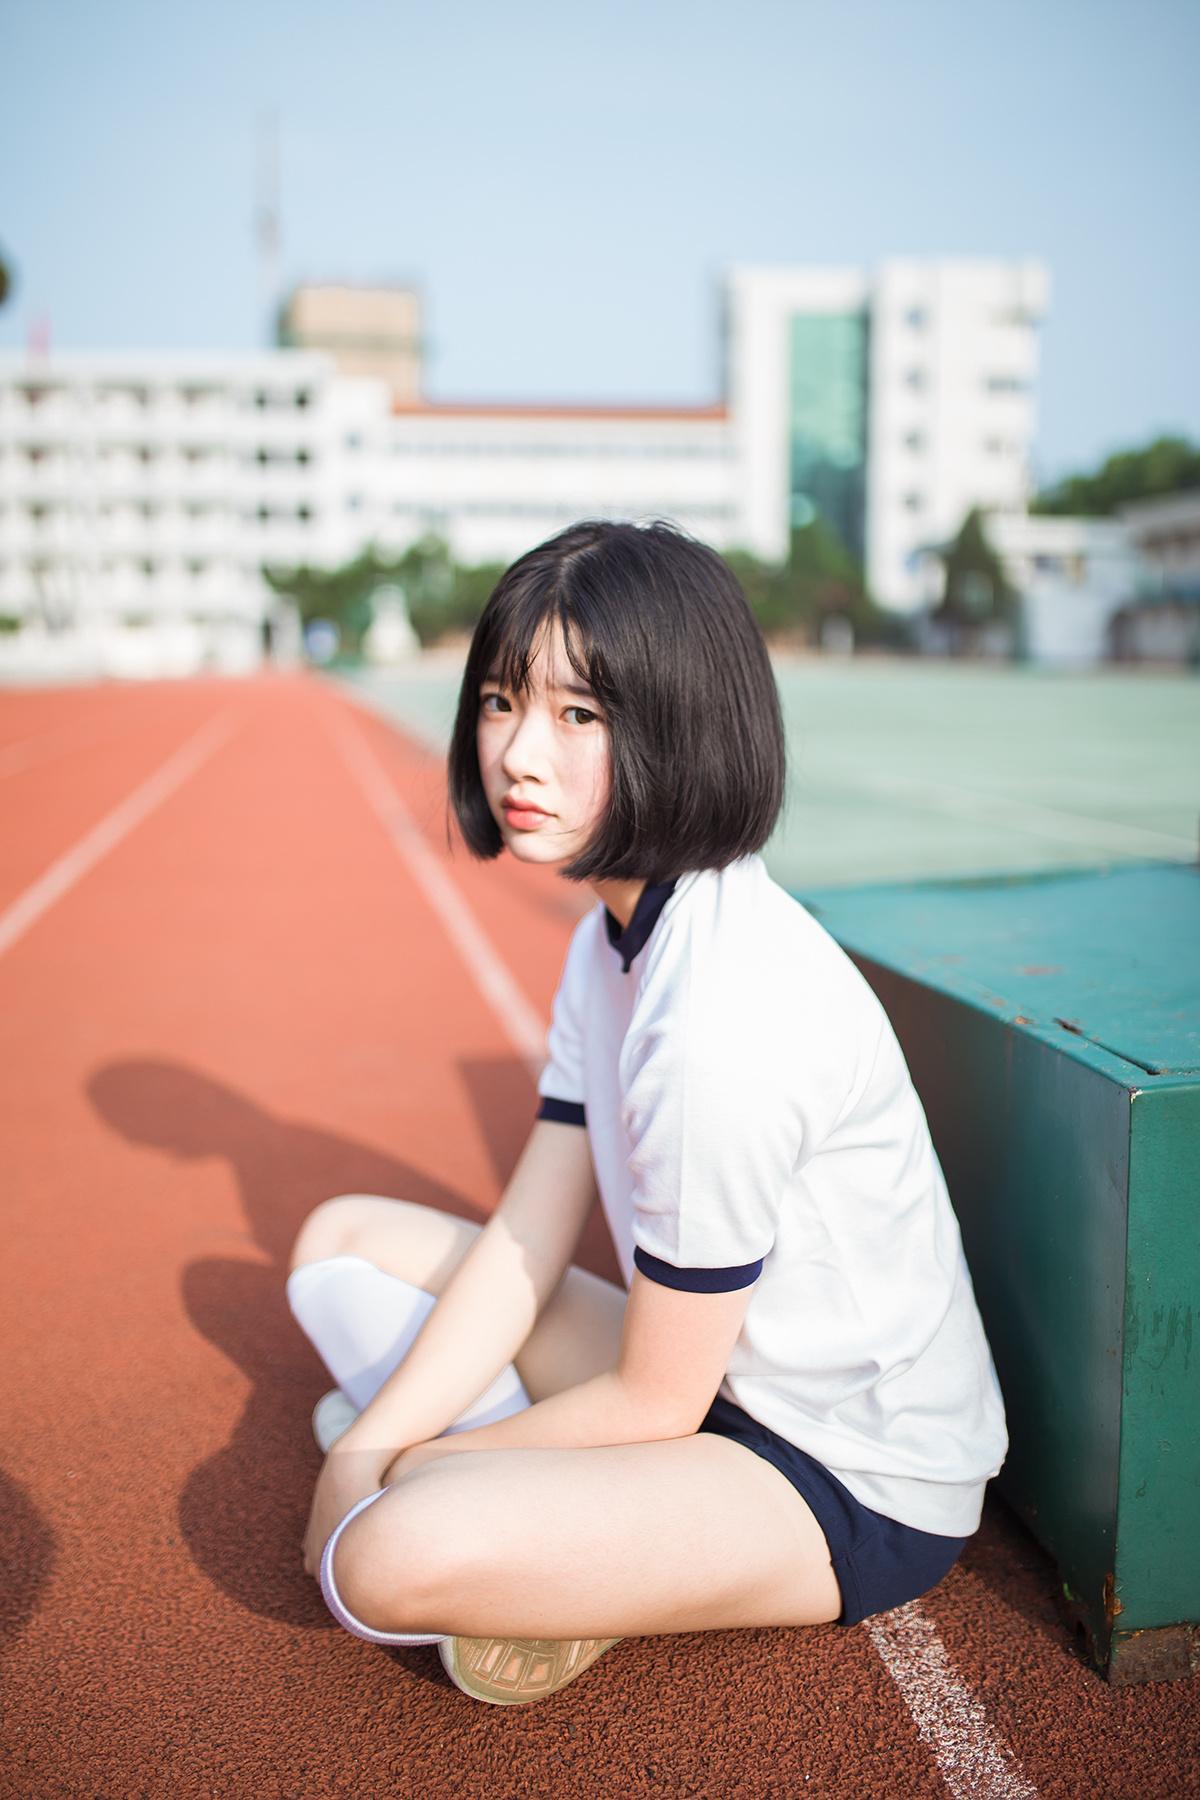 秦时明月 石兰 性感美女大白腿cosplay福利